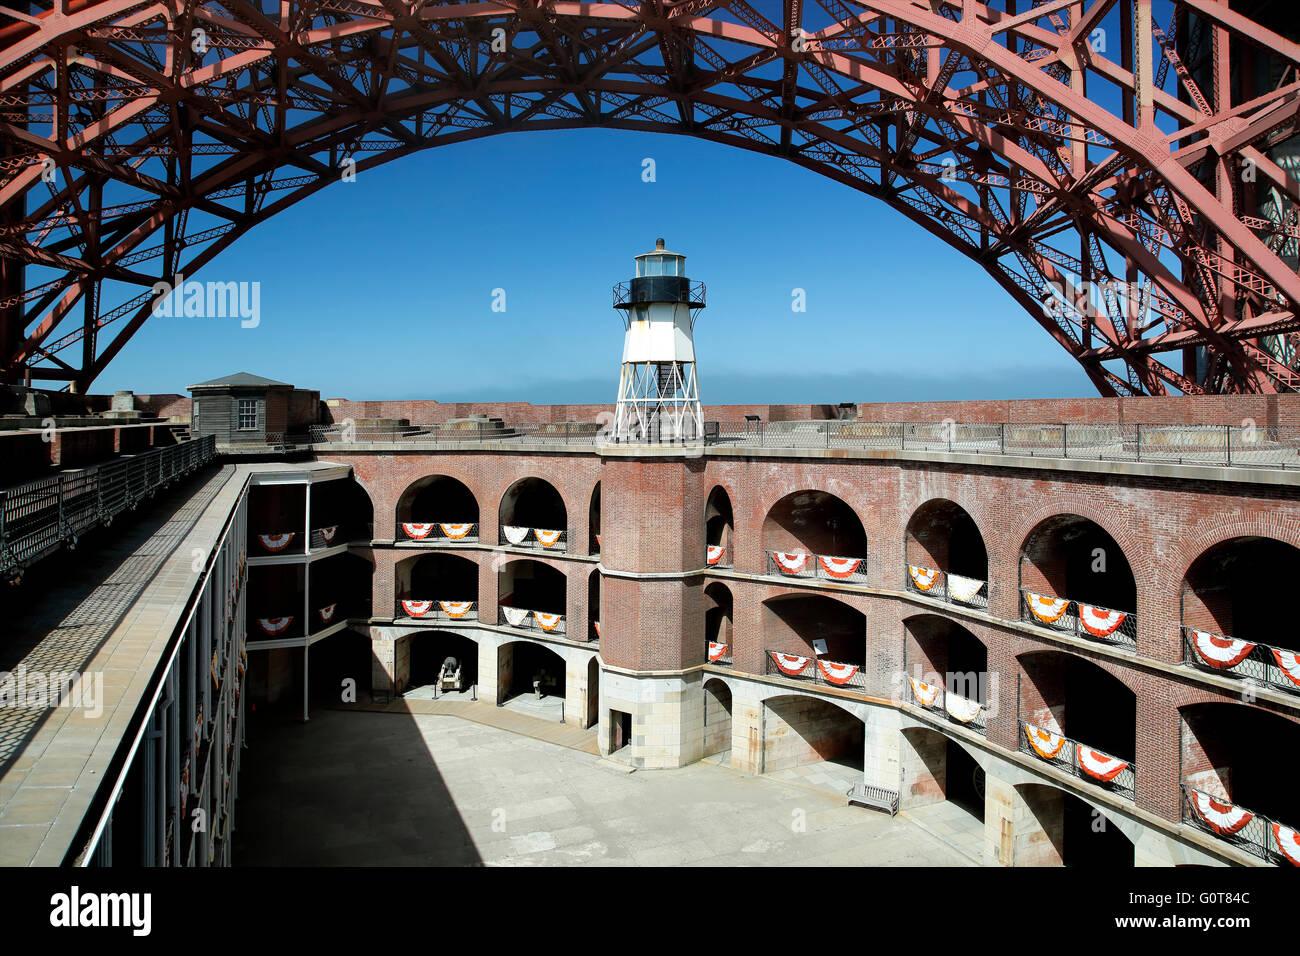 Puente Golden Gate span arcos voltaicos en Faro, sitio histórico nacional de Fort Point, San Francisco, California, Imagen De Stock